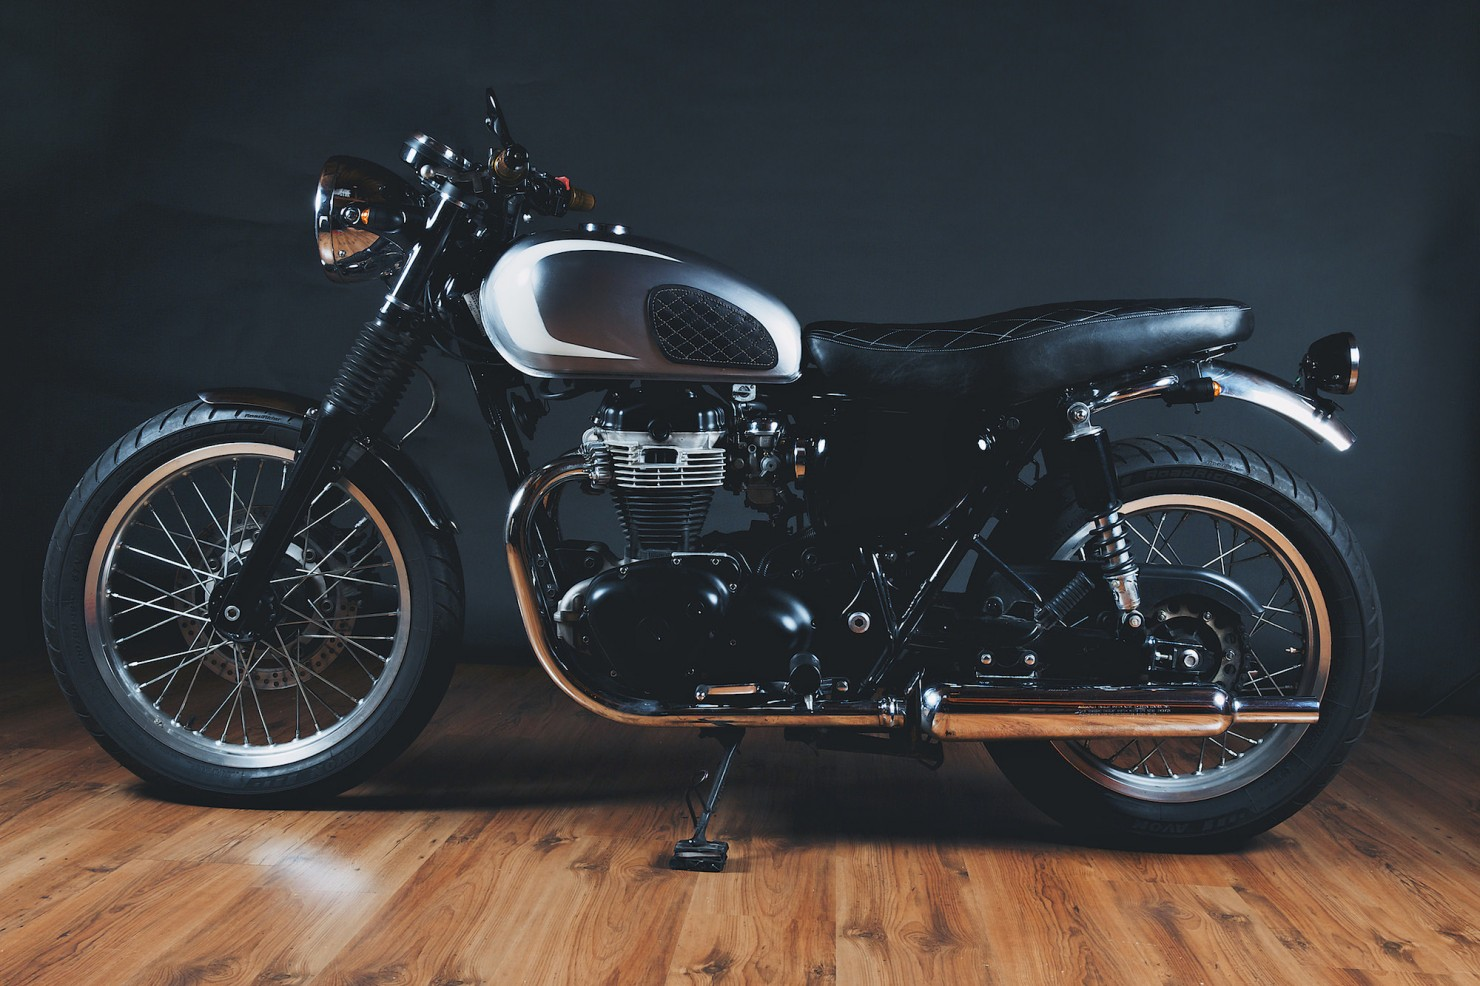 Kawasaki_W650_Motorcycle_9